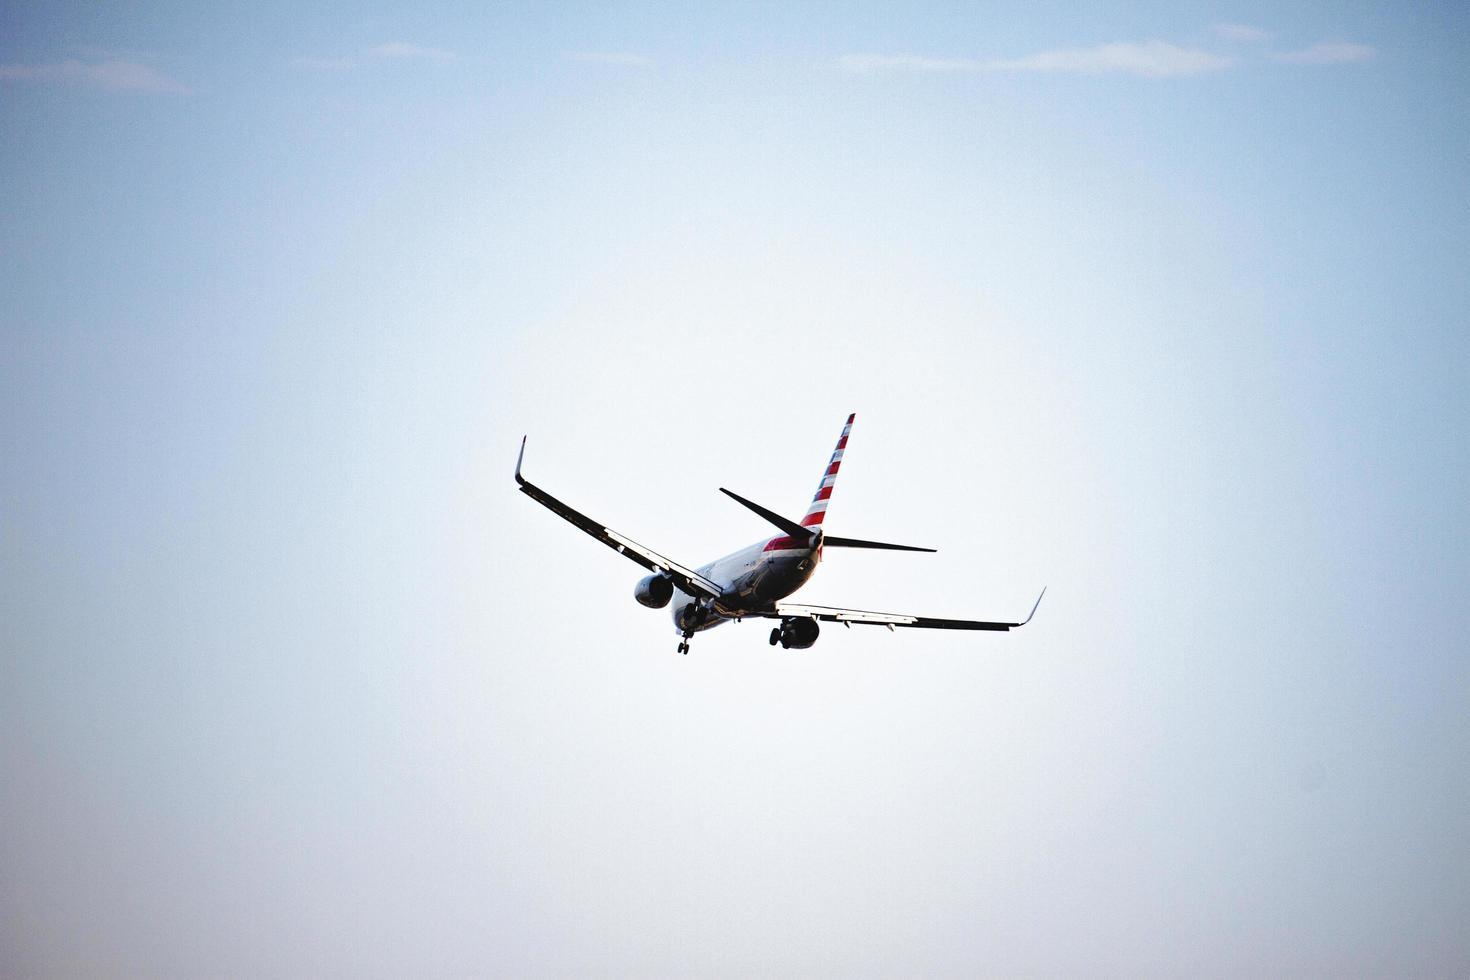 Verenigde Staten, 2020 - vliegtuig in blauwe lucht foto